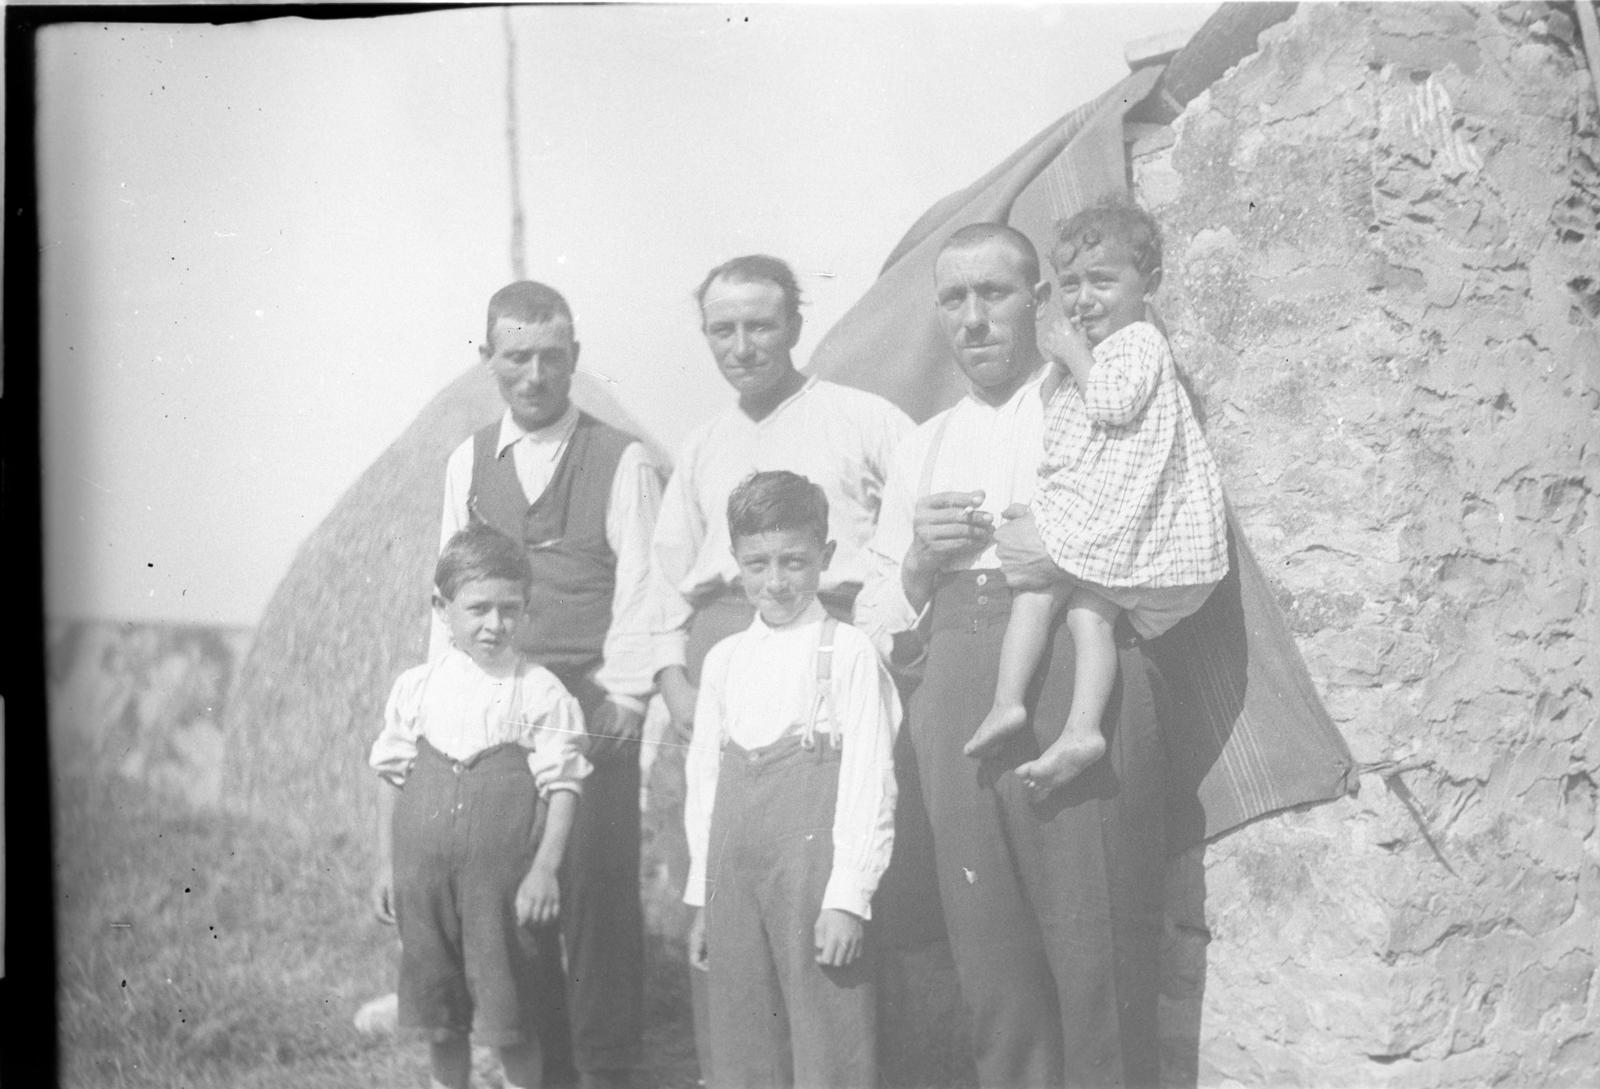 Foto di contadini con bambini